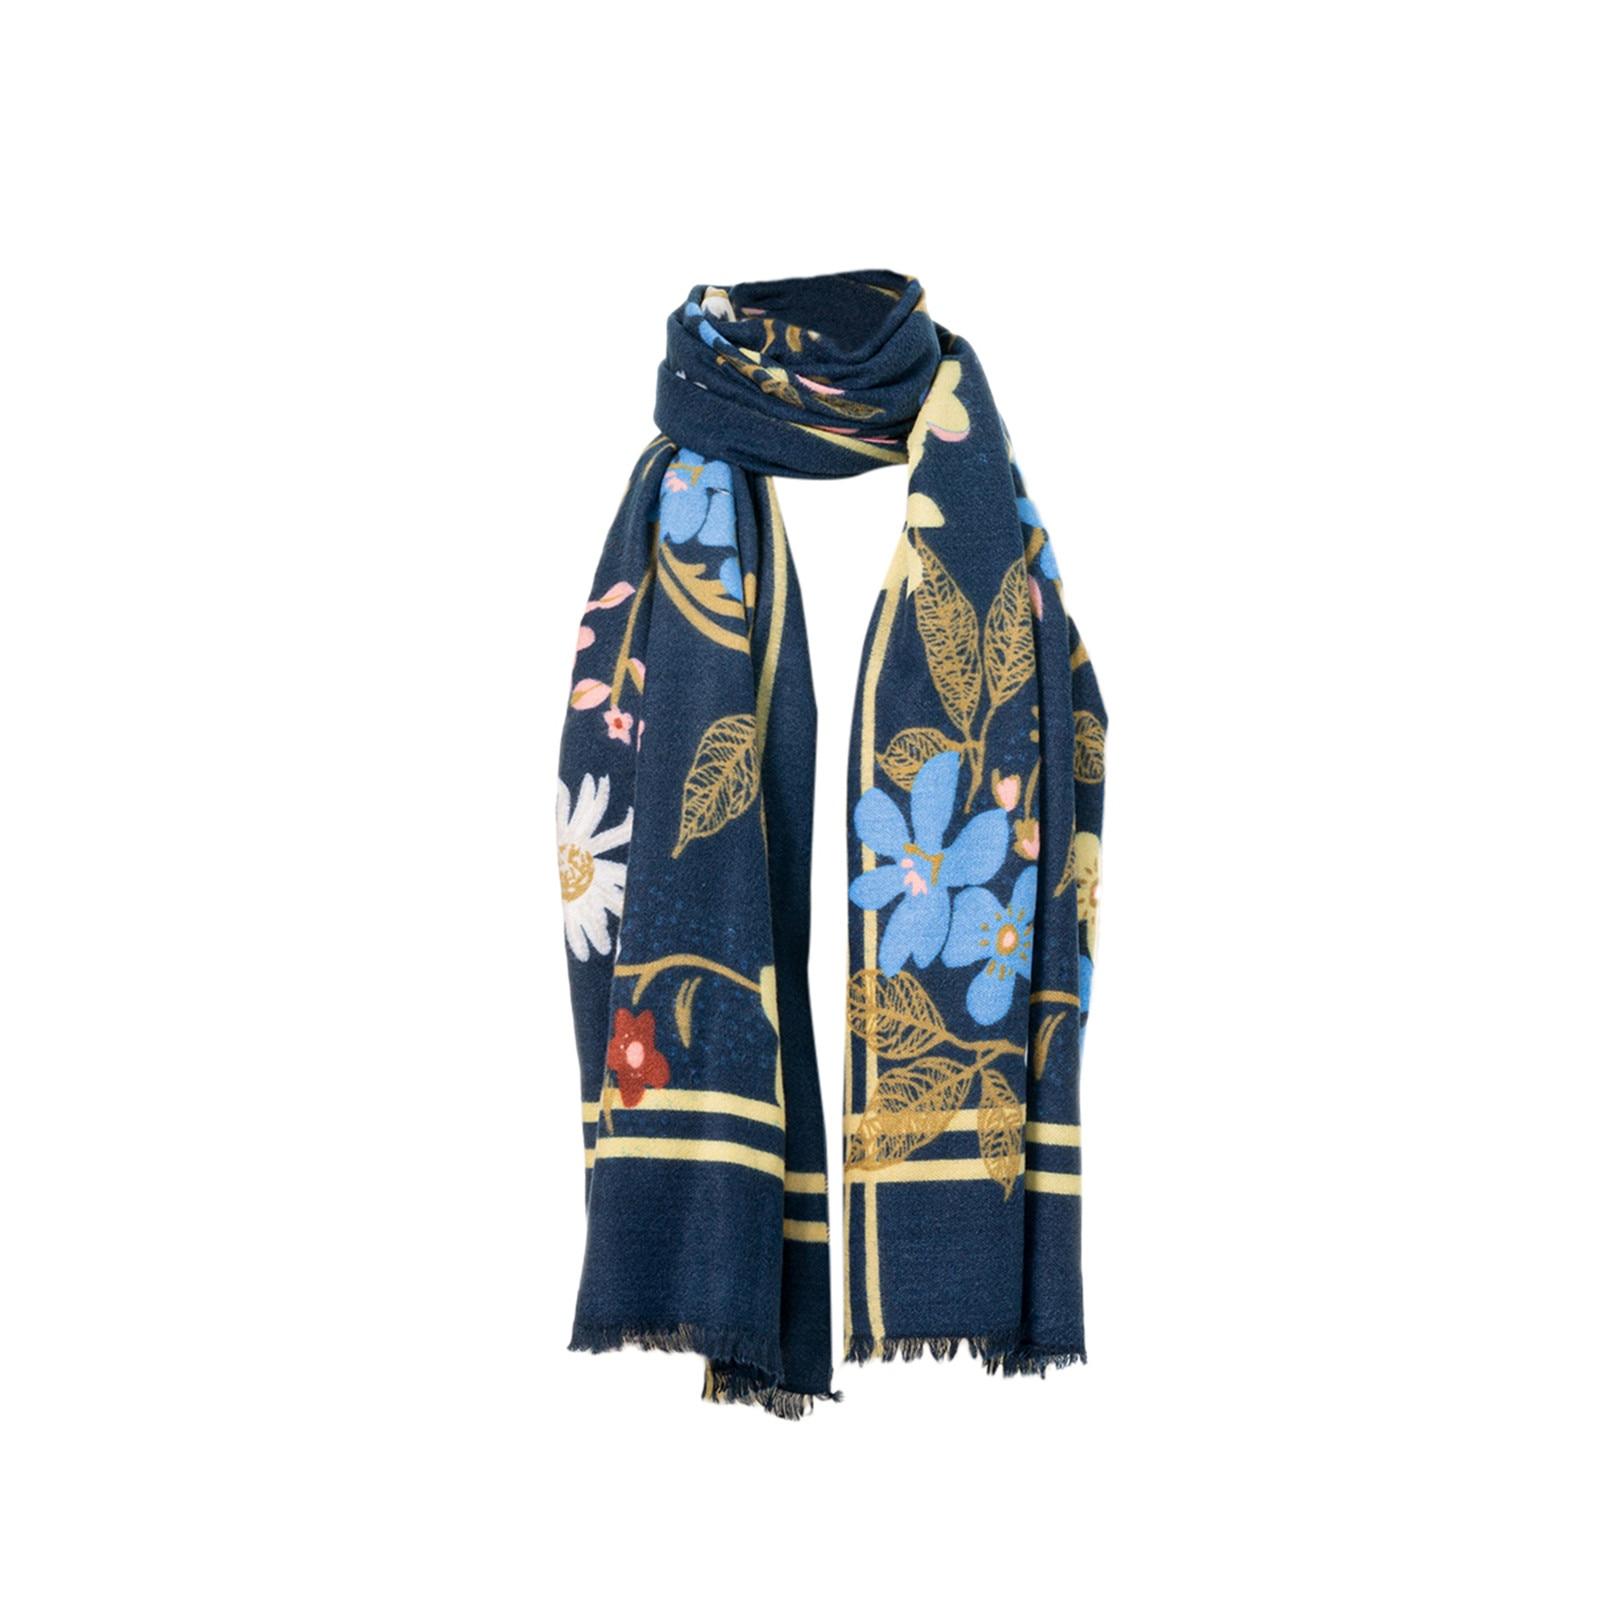 Women Long Soft Wrap Casual Warm Scarves Shawls Fashion Floral PrinteScarf 2020 Multi-Purpose Scarf шарфов шарф женский